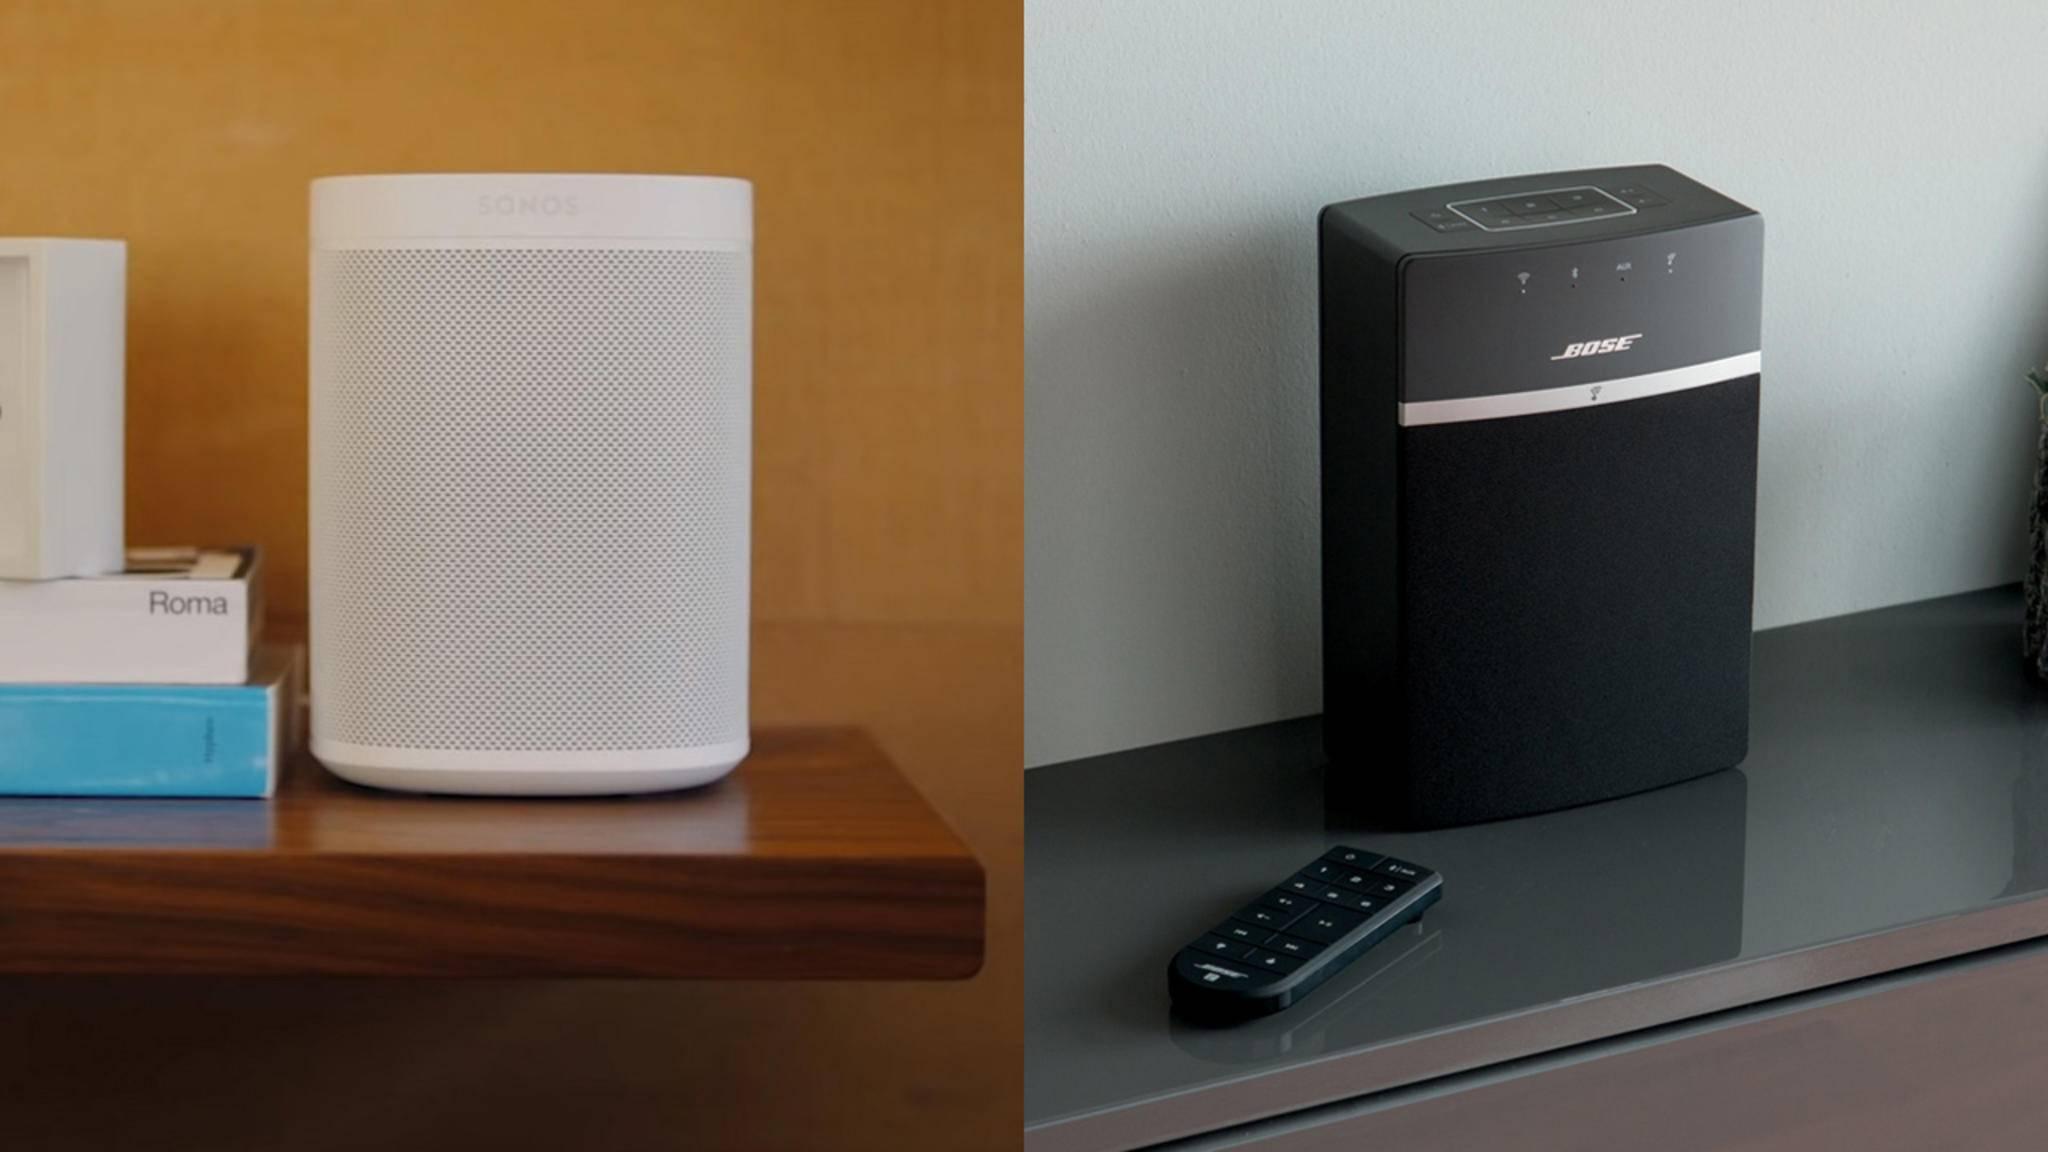 Sonos und Bose haben vergleichbare Multiroom-Systeme im Angebot.